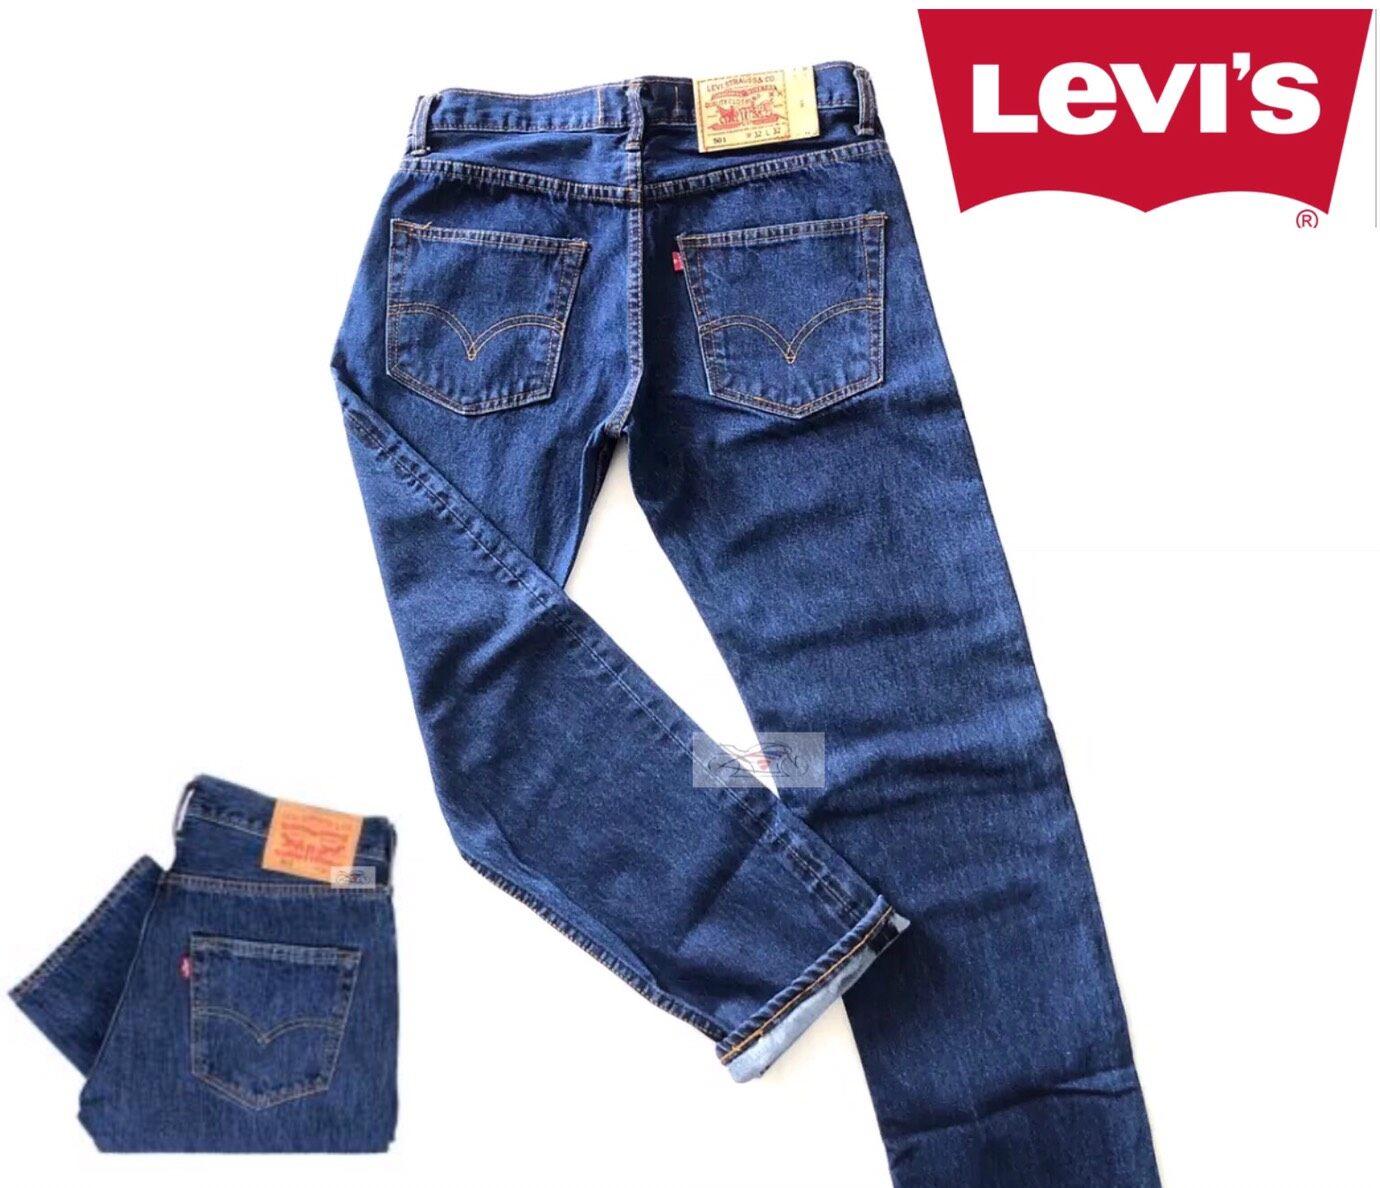 กางเกงยีนส์livis 501ริมแดงทรงกระบอก กางเกงยีนส์ชาย กางเกงยีนส์หญิง กางเกงลีวายส์กางเกงขายาว.